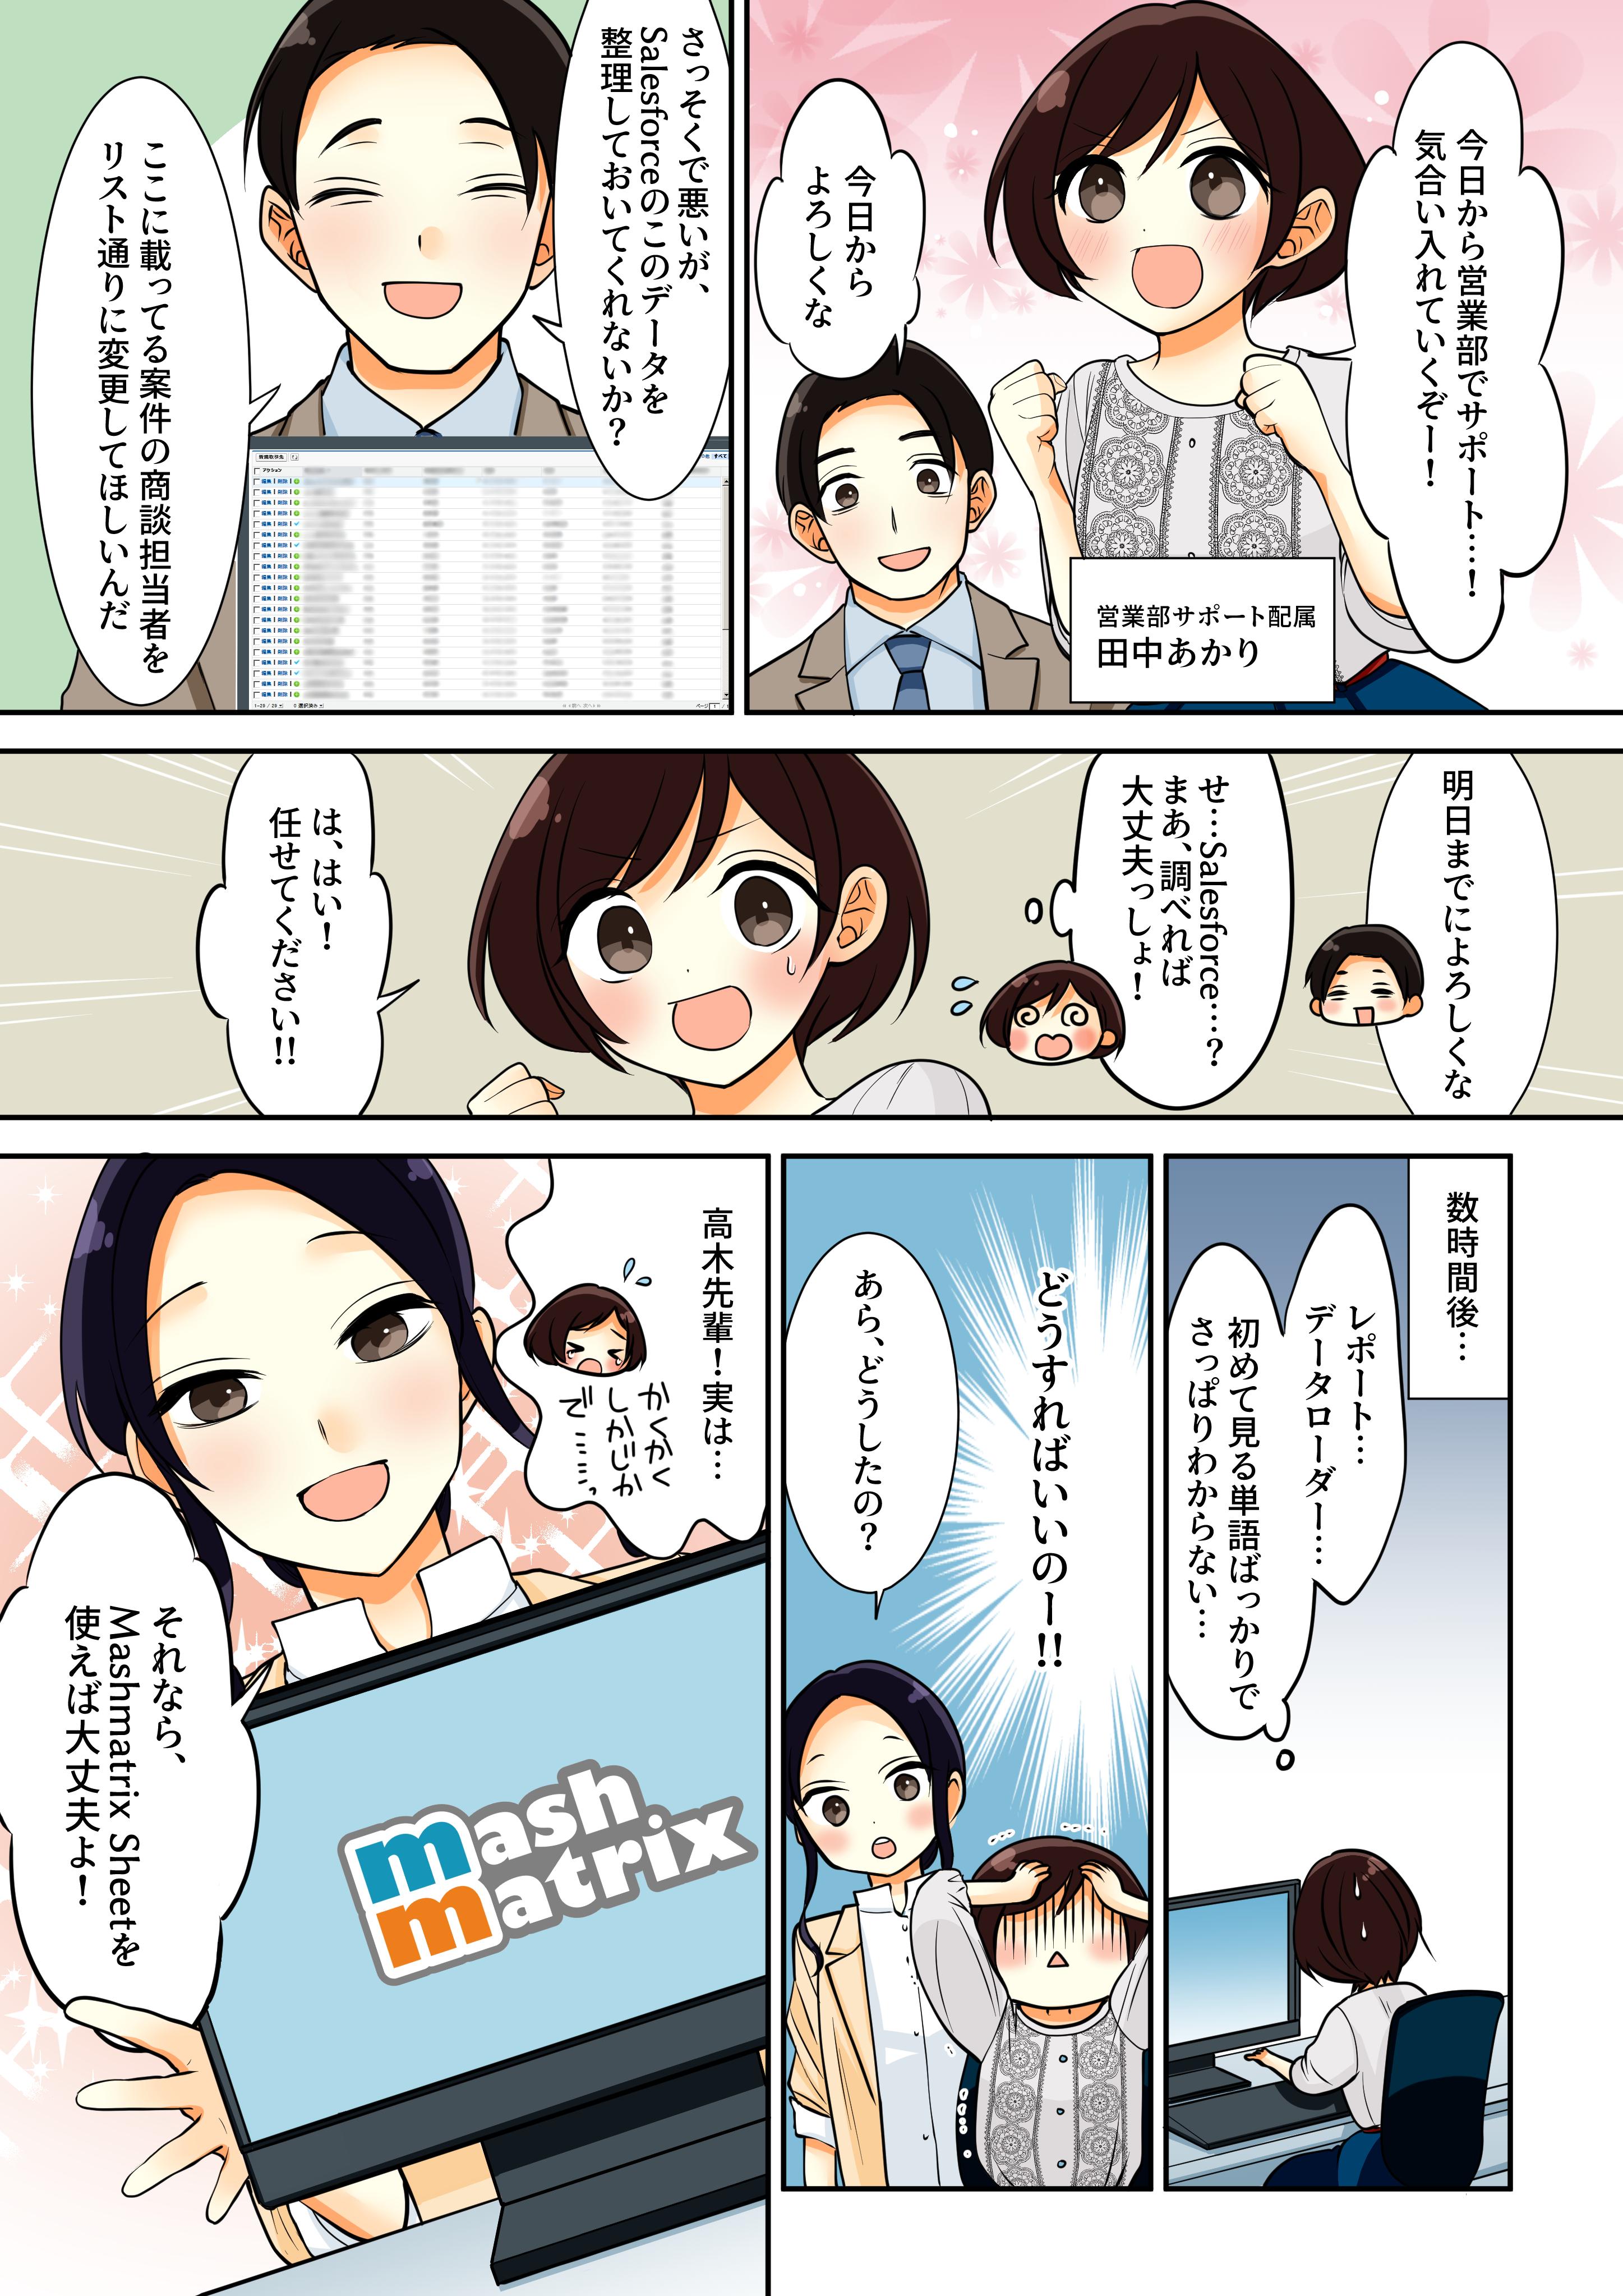 株式会社マッシュマトリックス 製品紹介 WEB掲載用漫画掲載サンプル1